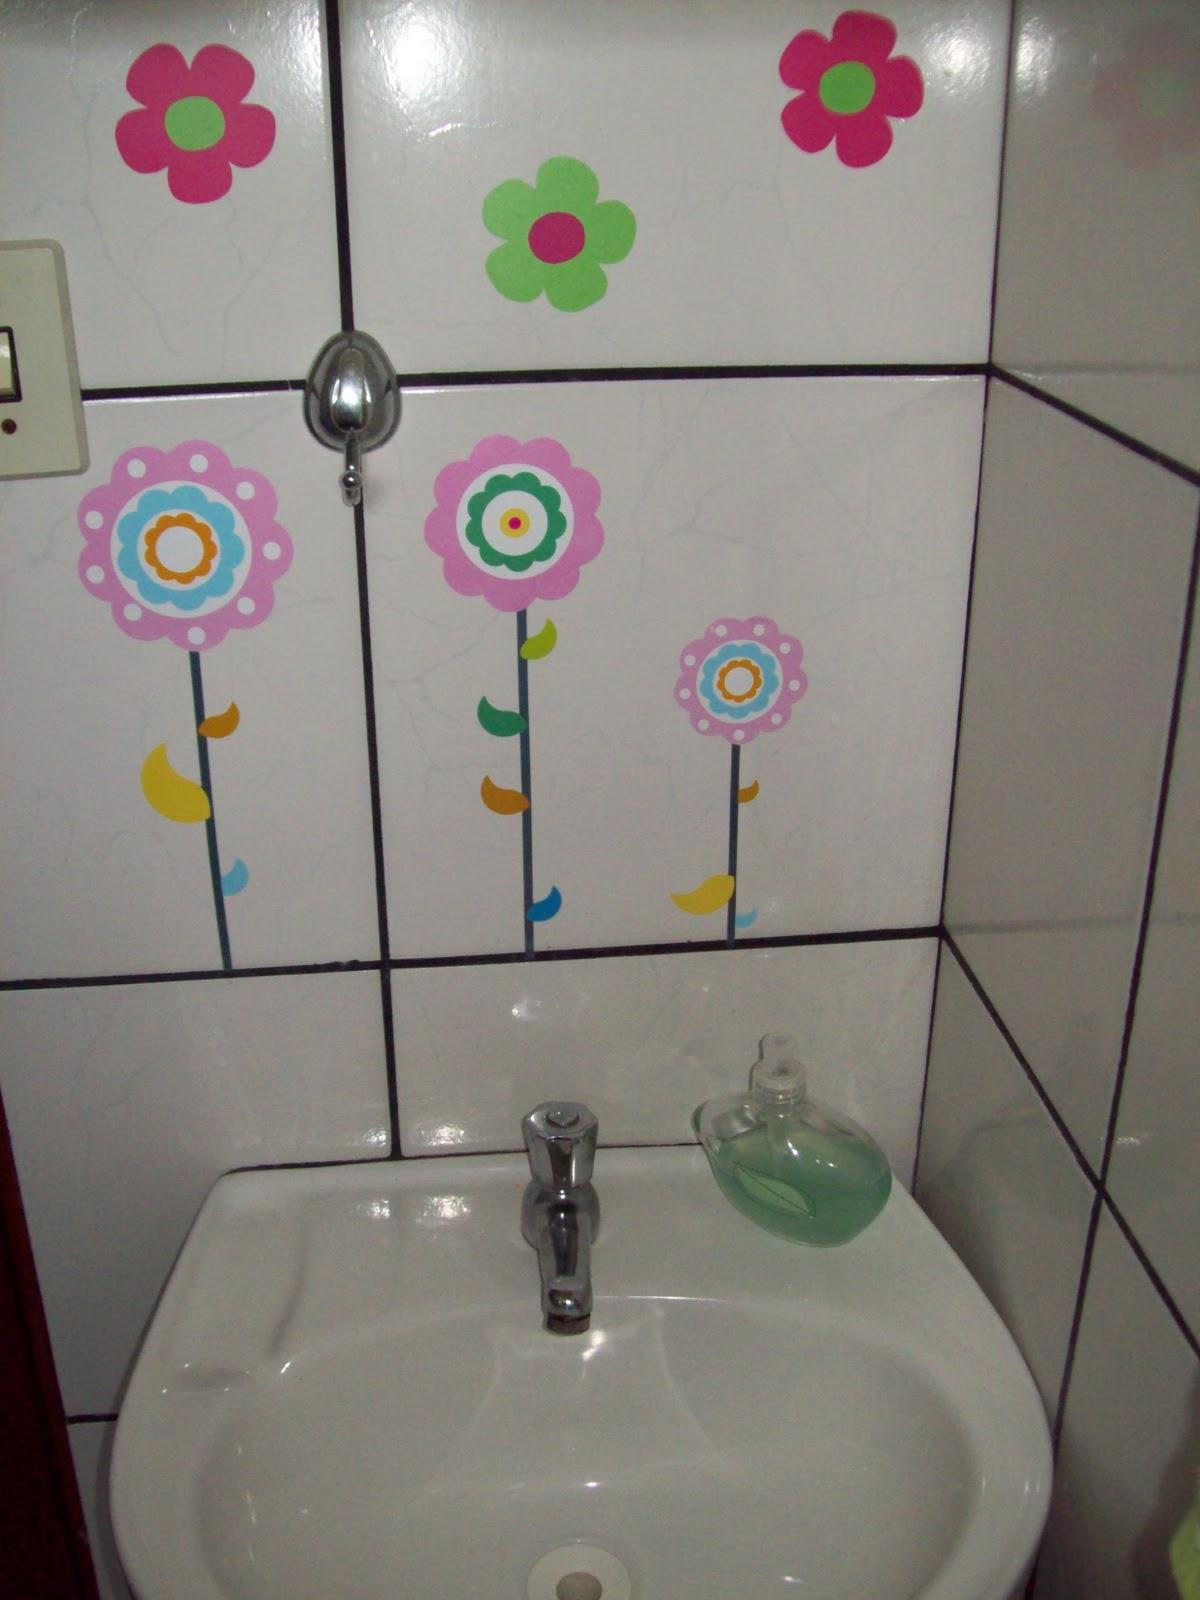 Concretizando Metas Decoração do meu banheiro -> Decoracao Meu Banheiro